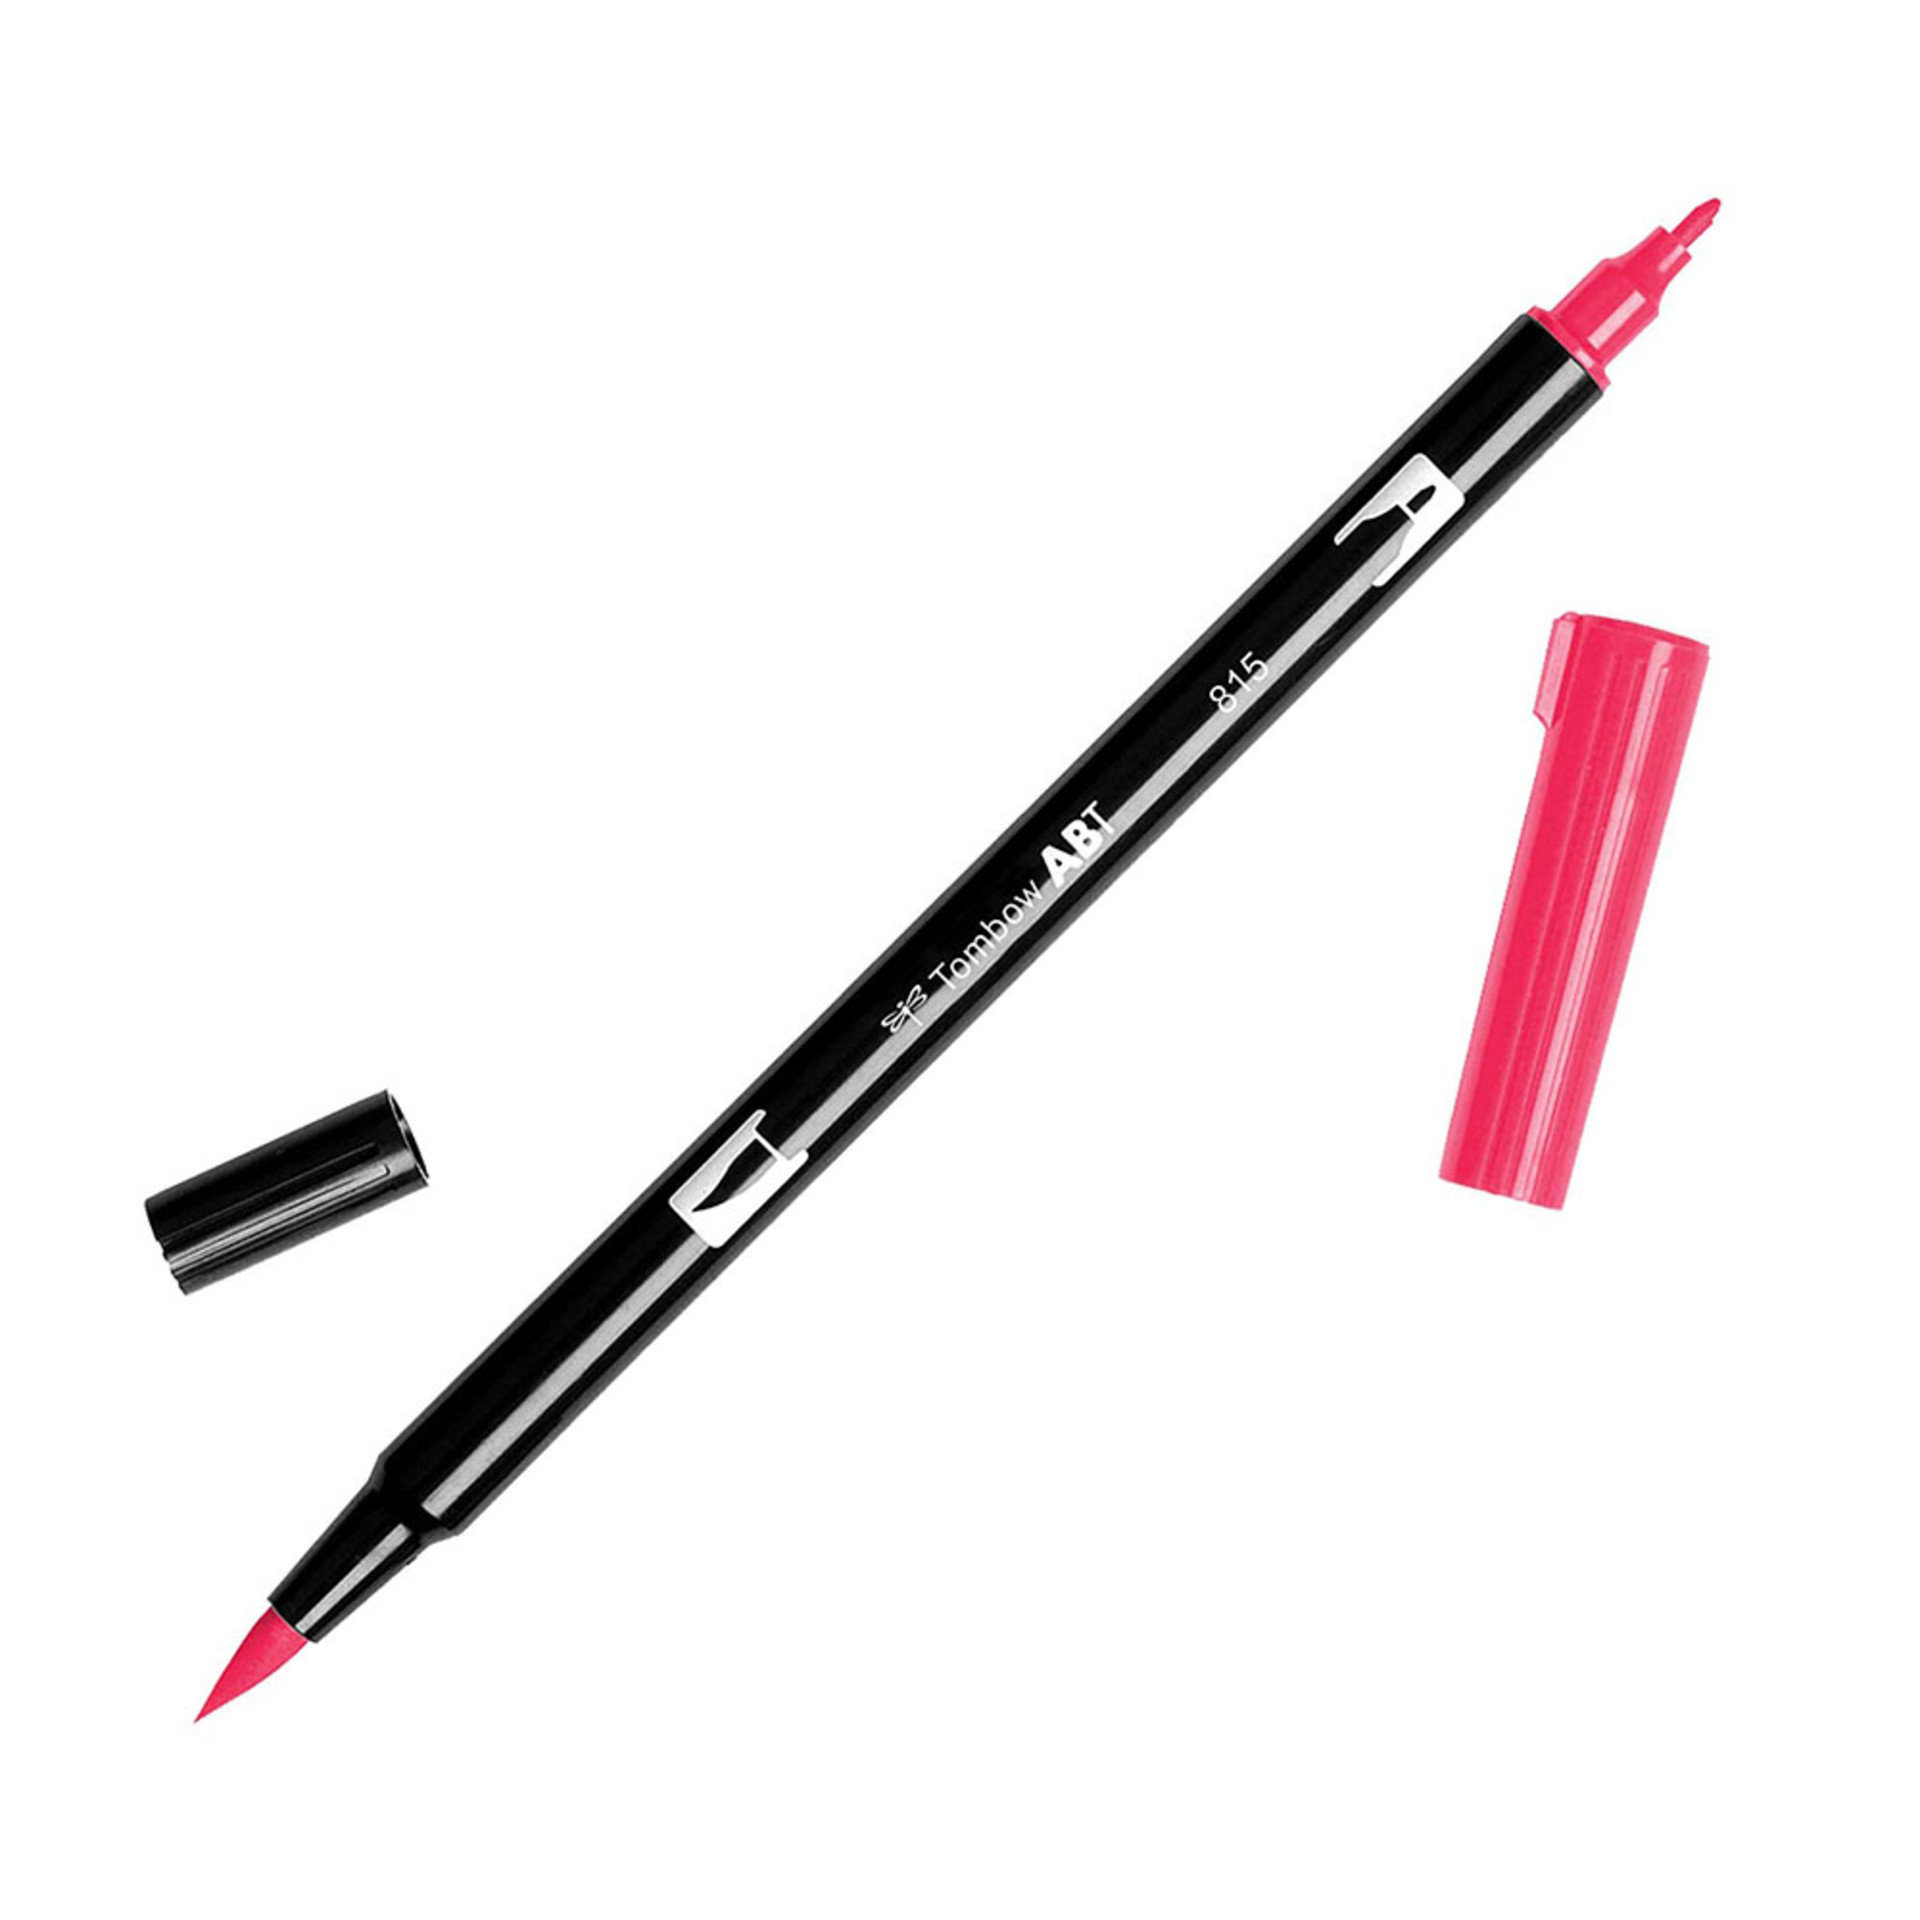 Tombow Dual-Tip Brush Marker Pen – Cherry